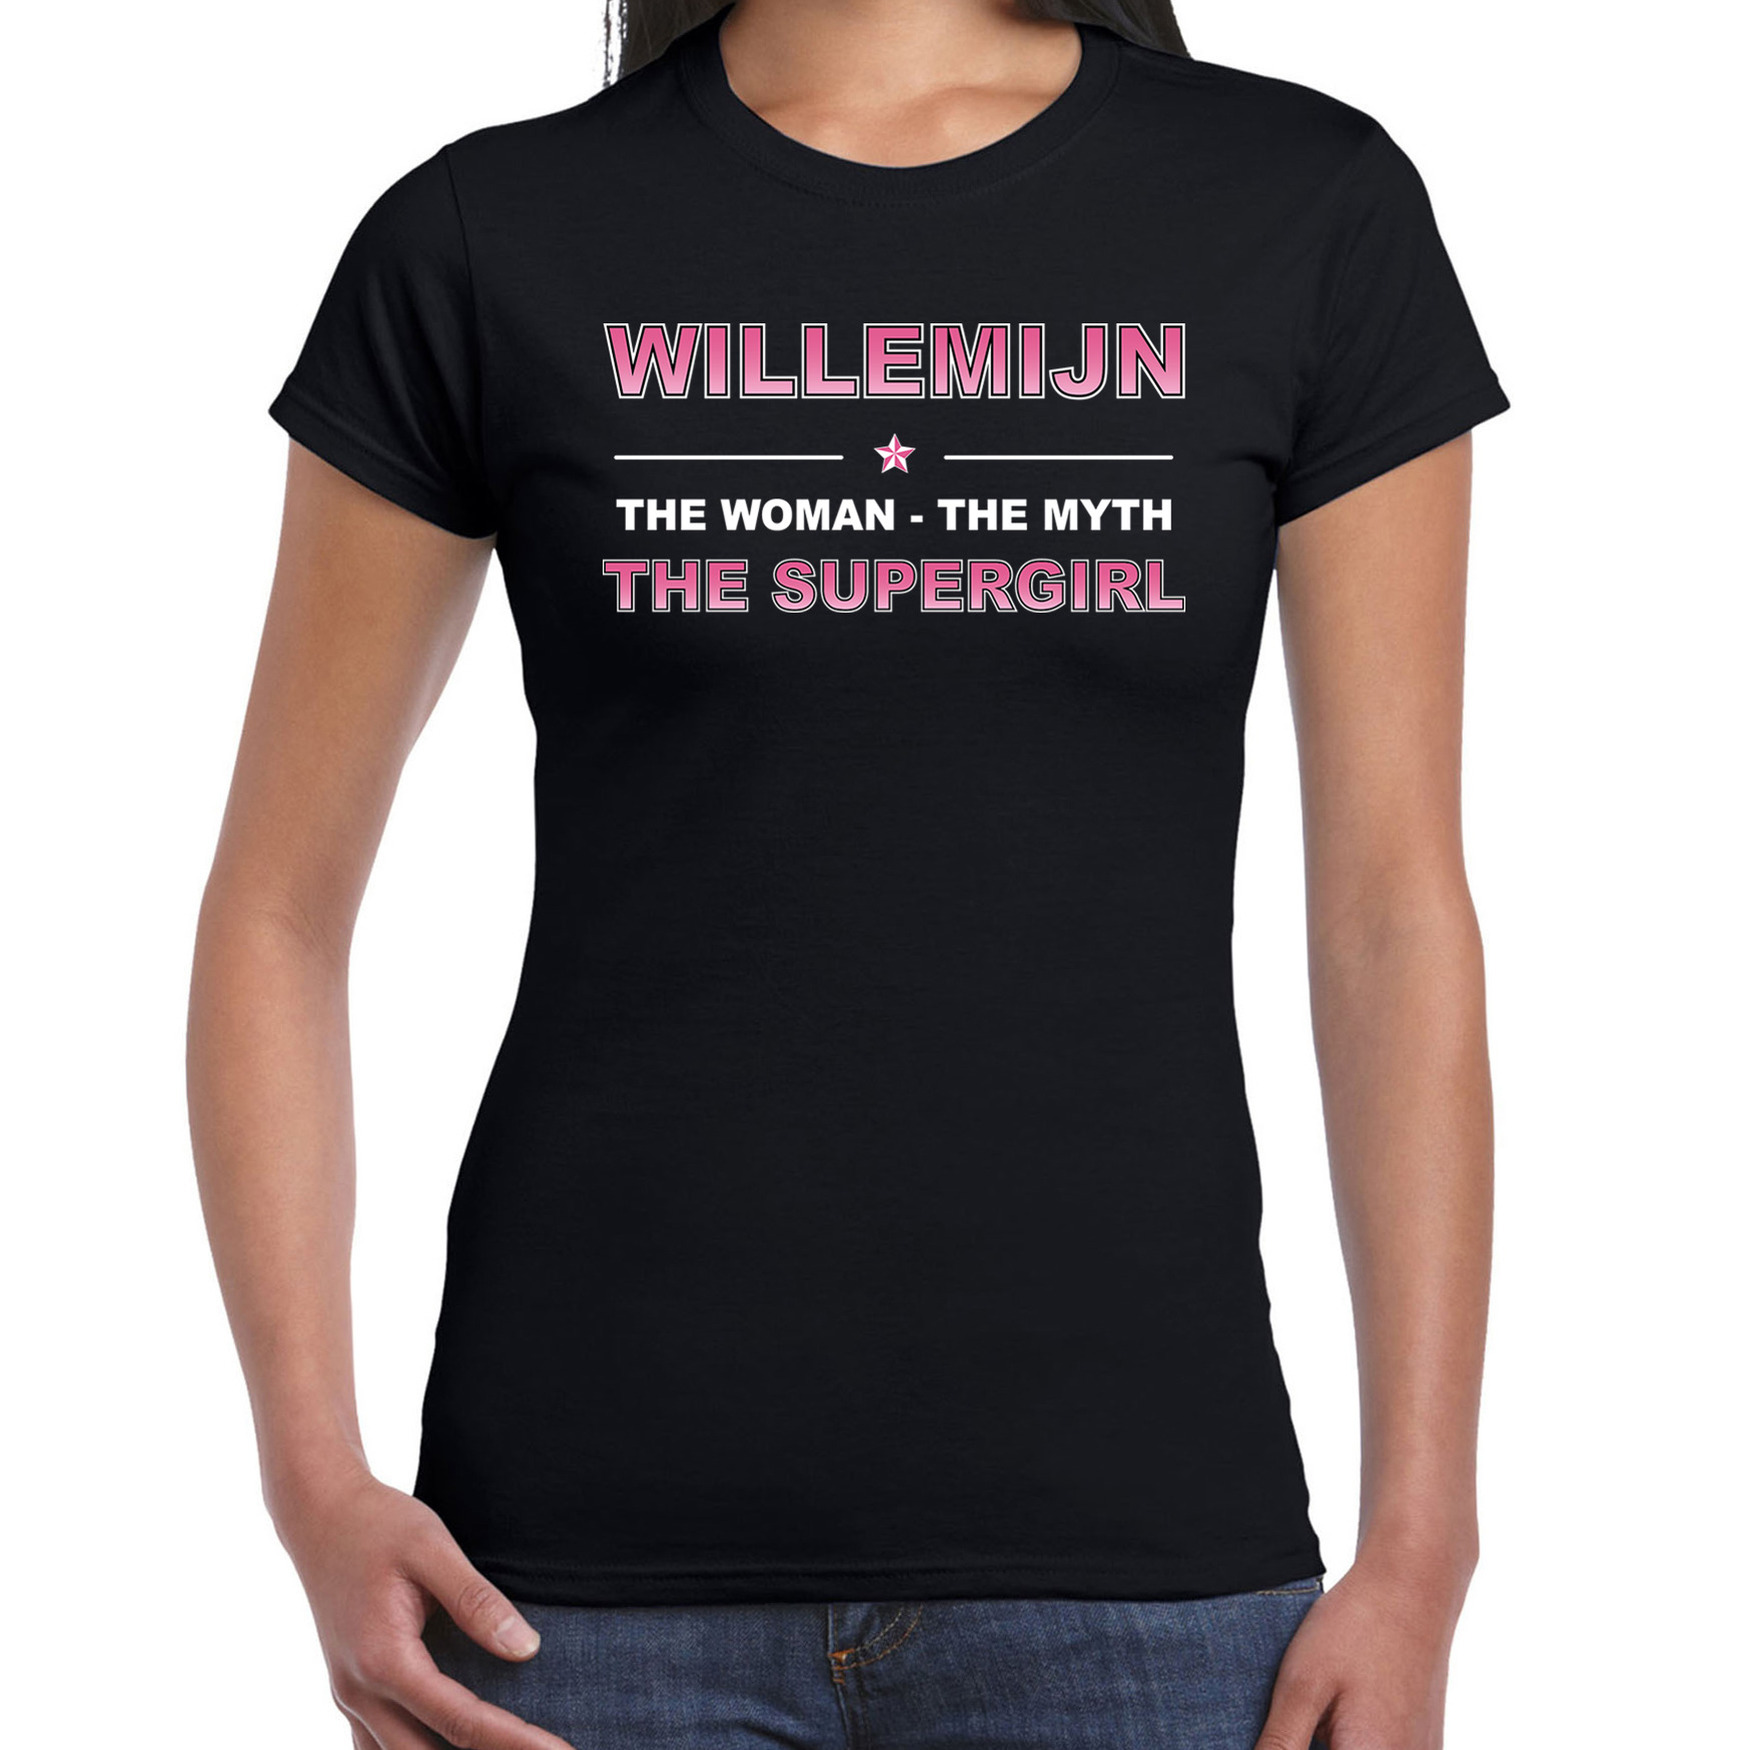 Naam cadeau t-shirt / shirt Willemijn - the supergirl zwart voor dames